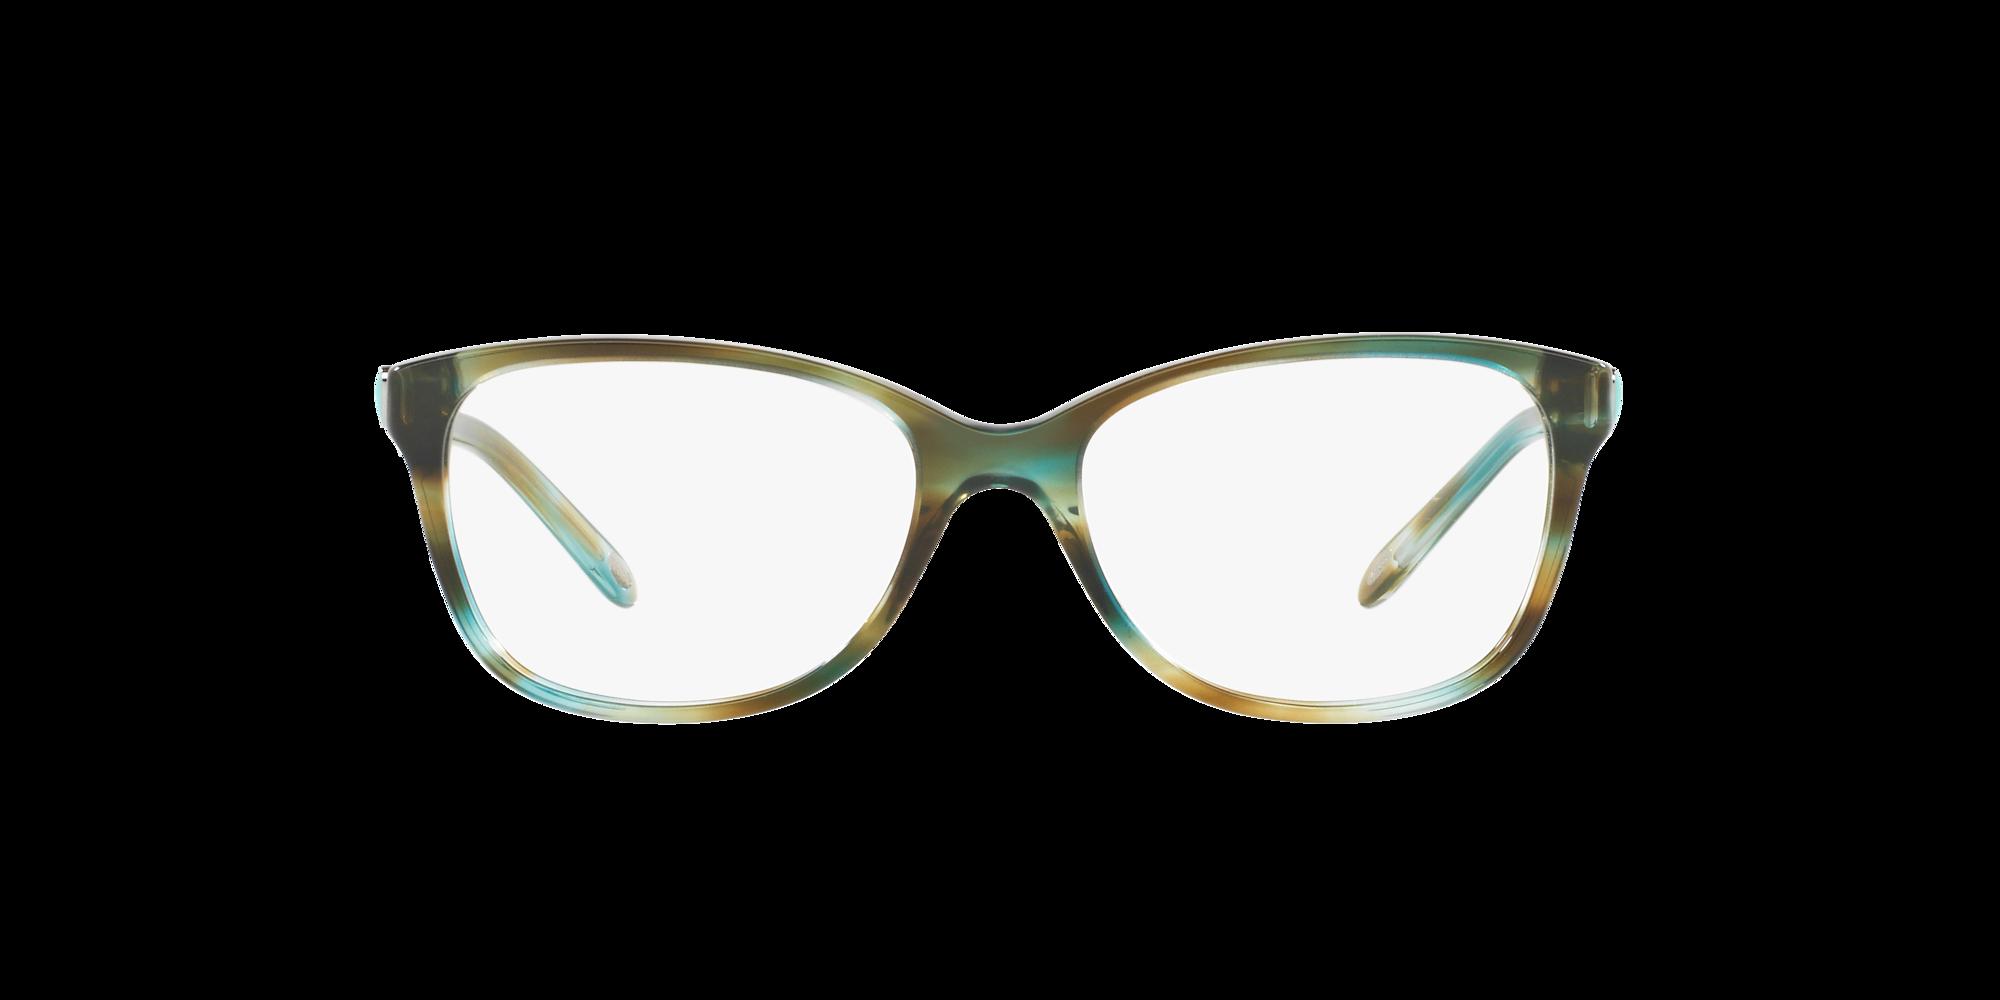 Imagen para TF2097 de LensCrafters |  Espejuelos, espejuelos graduados en línea, gafas